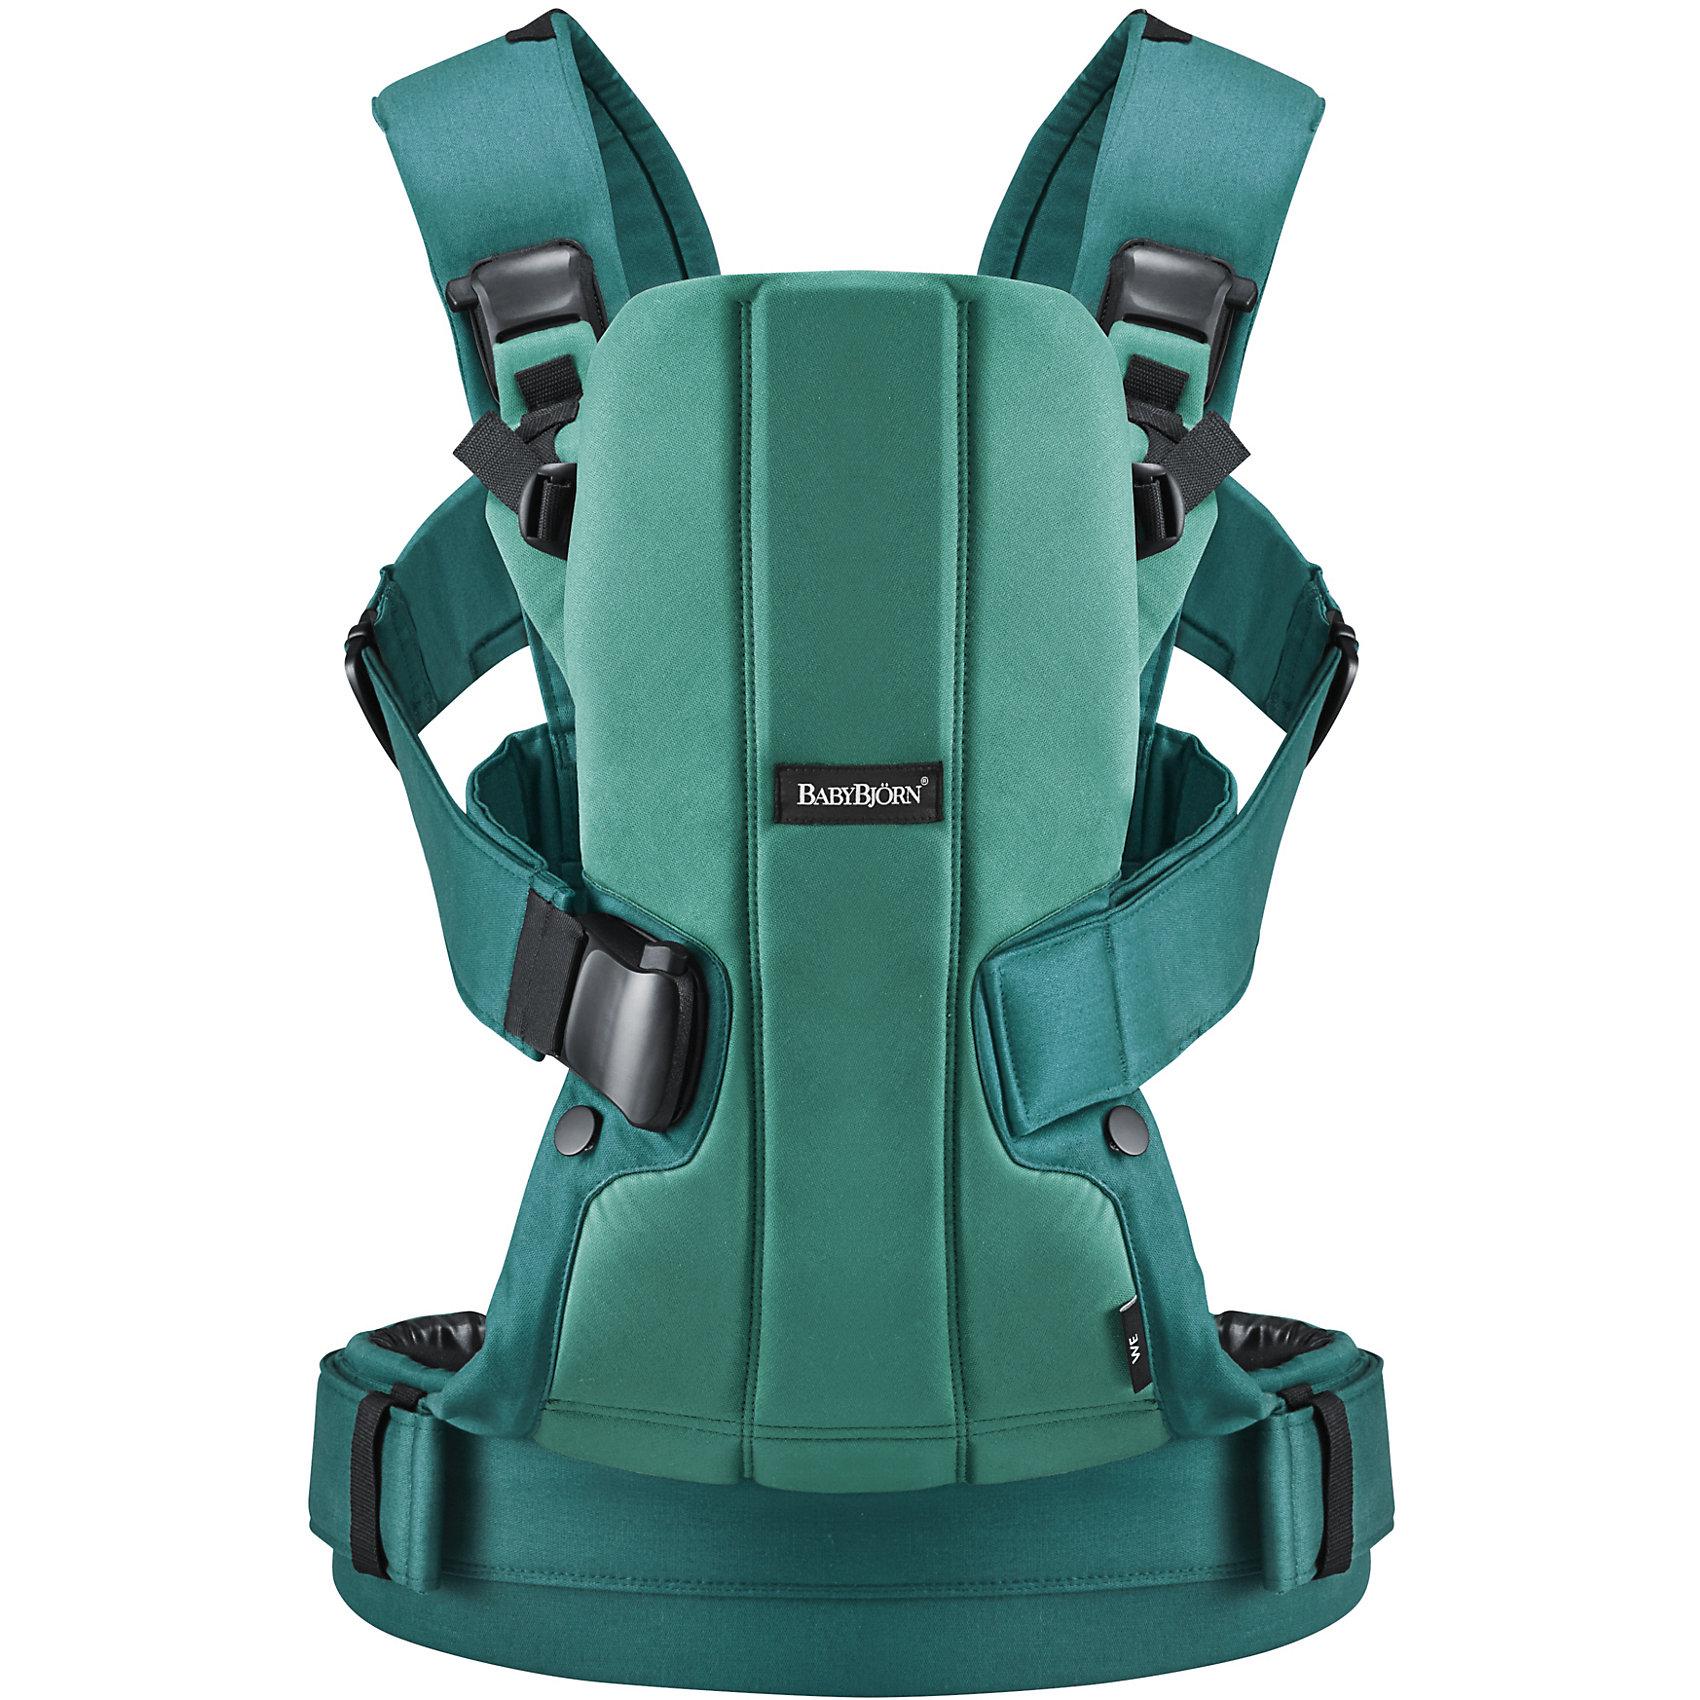 Рюкзак-переноска We, BabyBjorn, зеленыйРюкзак-переноска We, BabyBjorn, является идеальной альтернативой детской коляске в течение первых месяцев жизни ребенка. Использование рюкзака-переноски освобождает Ваши руки, а ребенку позволяет наслаждаться близостью родителя и чувствовать себя спокойным и защищенным. Модель We легка и практична, обеспечивает безопасность и комфорт малышу и удобное использование для родителей. Технологичный дизайн позволяет использовать рюкзак на протяжении нескольких лет жизни малыша, адаптируя его под меняющийся вес и рост ребенка. Предусмотрены три удобных положения для ношения ребенка: на груди лицом к родителям с двумя разными уровнями высоты или на спине взрослого. Рюкзак оснащен крепким поясным ремнем и мягкими плечевыми ремнями, позволяющими переносить растущего ребенка с максимальным комфортом. Благодаря поясному ремню вес ребенка передается на Ваши бедра, уменьшая нагрузку на спину и плечи. Съёмная передняя часть рюкзака-переноски снимается, что позволяет легко и быстро вынуть из него ребёнка.<br><br>Анатомическая конструкция с жесткой спинкой способствует правильной осанке и обеспечивает поддержку для головы, спины и ног ребёнка. Находясь в рюкзаке-кенгуру We, ребенок может свободно двигать руками и ногами, что стимулирует развитие мышц, моторики и равновесия. Сиденье для малыша оснащено подкладкой, а мягкая внутренняя поверхность рюкзака защищает чувствительную детскую кожу. Рюкзак выполнен из высококачественных материалов, соответствующих требованиям стандарта Oeko-Tex 100, класс 1 изделий для грудных детей. Ручная стирка при температуре 40 градусов. Подходит для детей возрастом от 0 месяцев до 3 лет, вес - от 3,5 до 15 кг., рост - от 53 до 100 см.<br><br>Дополнительная информация:<br><br>- Цвет: изумрудный.<br>- Материал:  60% хлопок, 40% полиэстер, подкладка - 100% хлопок.<br>- Возраст: 0 мес. - 3 года (3,5 - 15 кг.).<br>- Размер упаковки: 33,5 х 32,5 х 11 см.<br>- Вес: 1,302 кг.<br><br>Рюкзак-переноску We, BabyBjorn, изумрудны